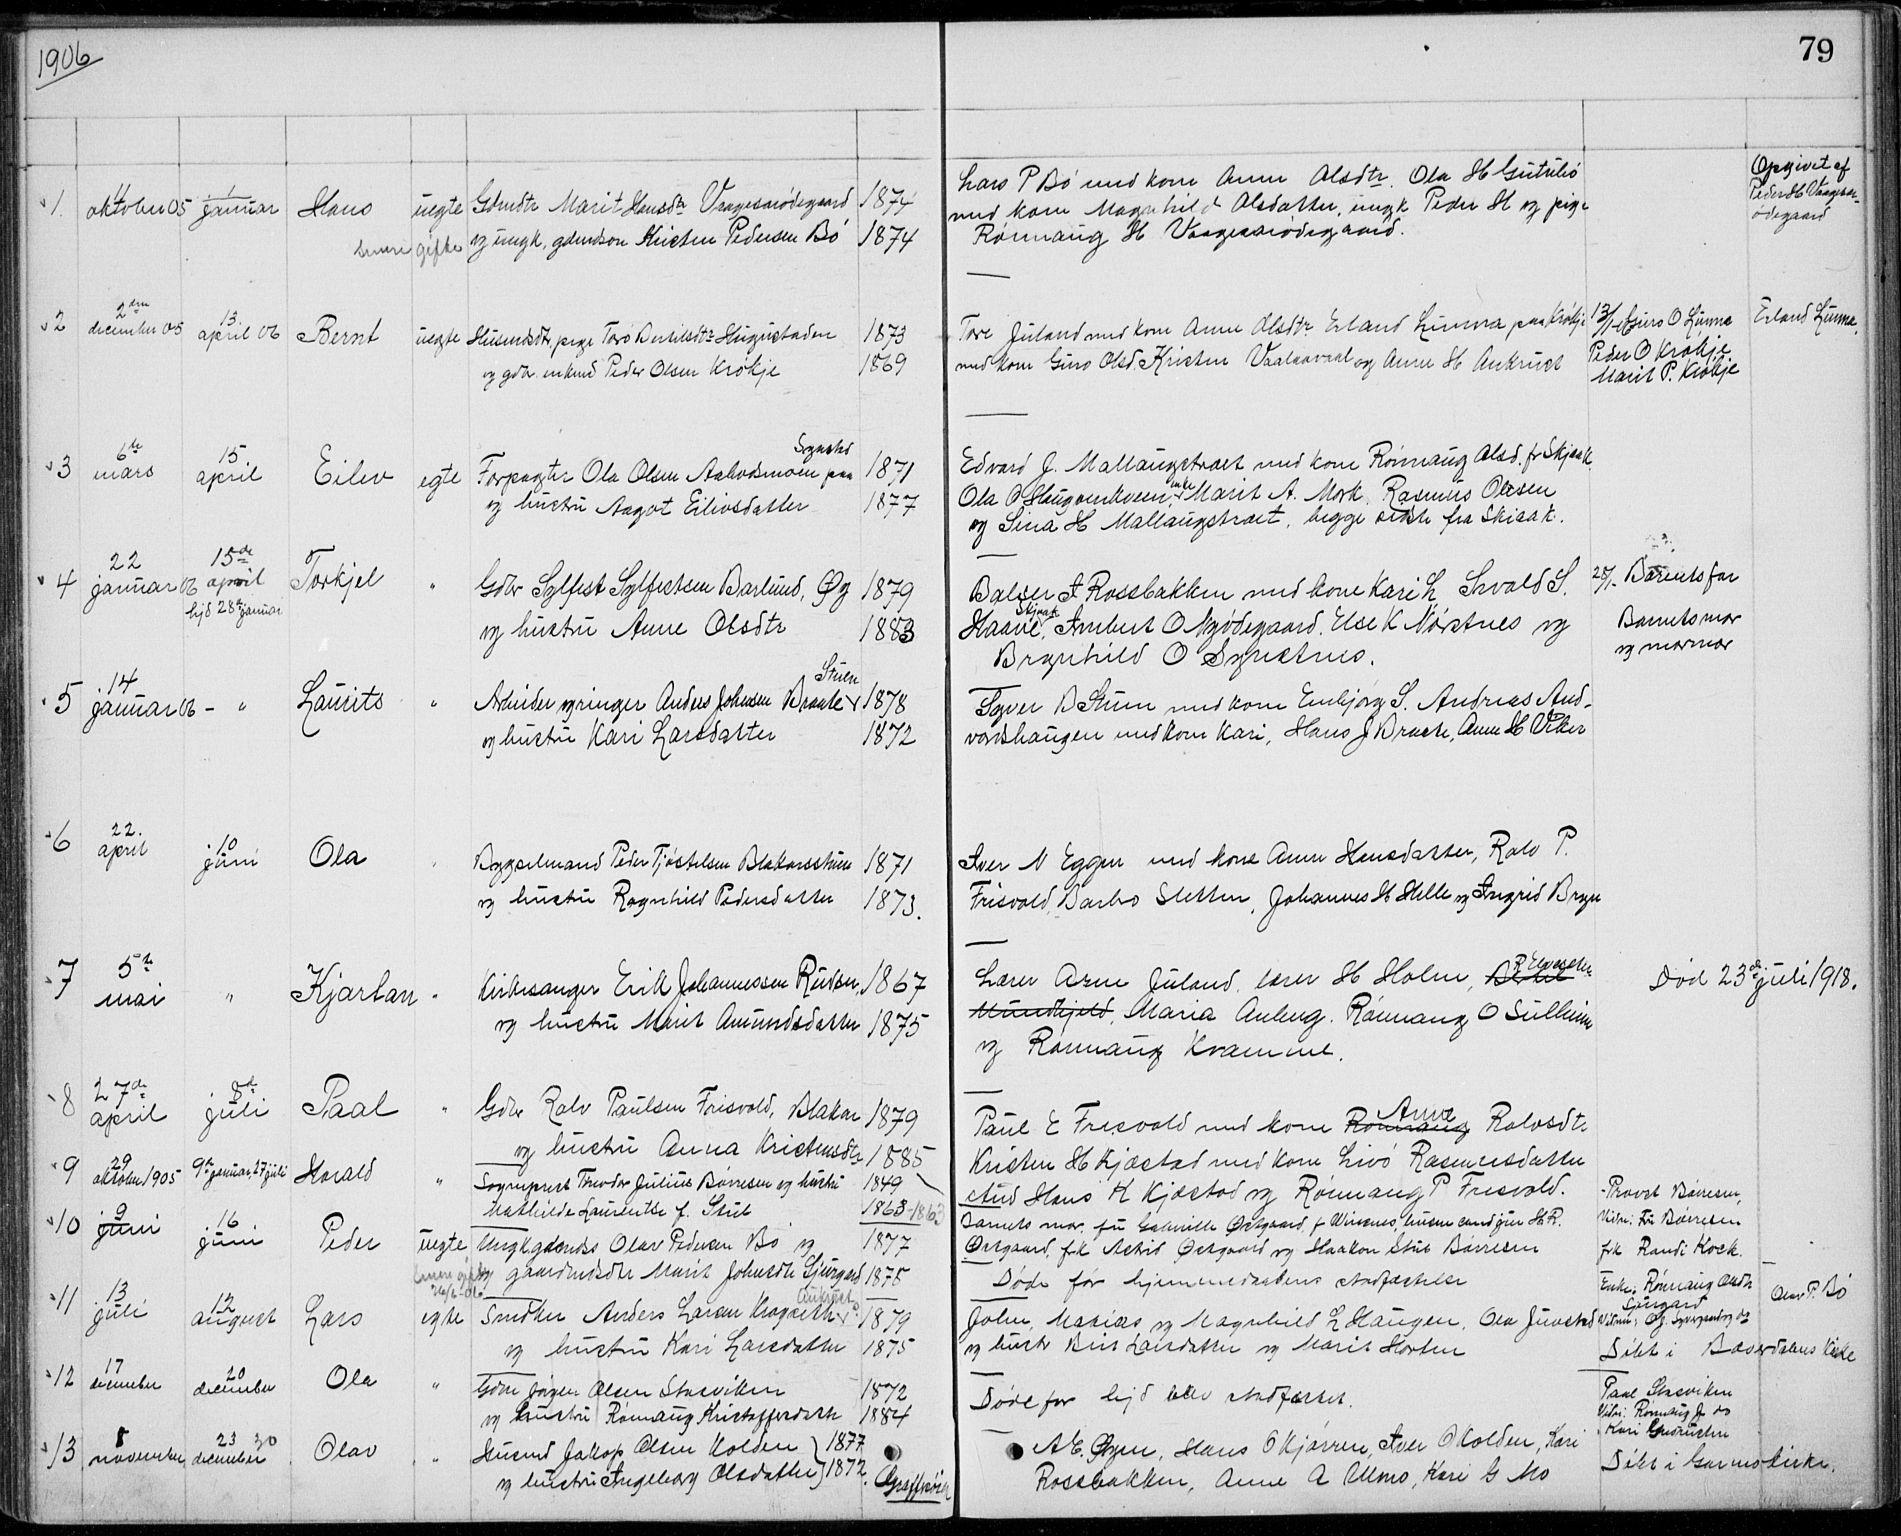 SAH, Lom prestekontor, L/L0013: Klokkerbok nr. 13, 1874-1938, s. 79